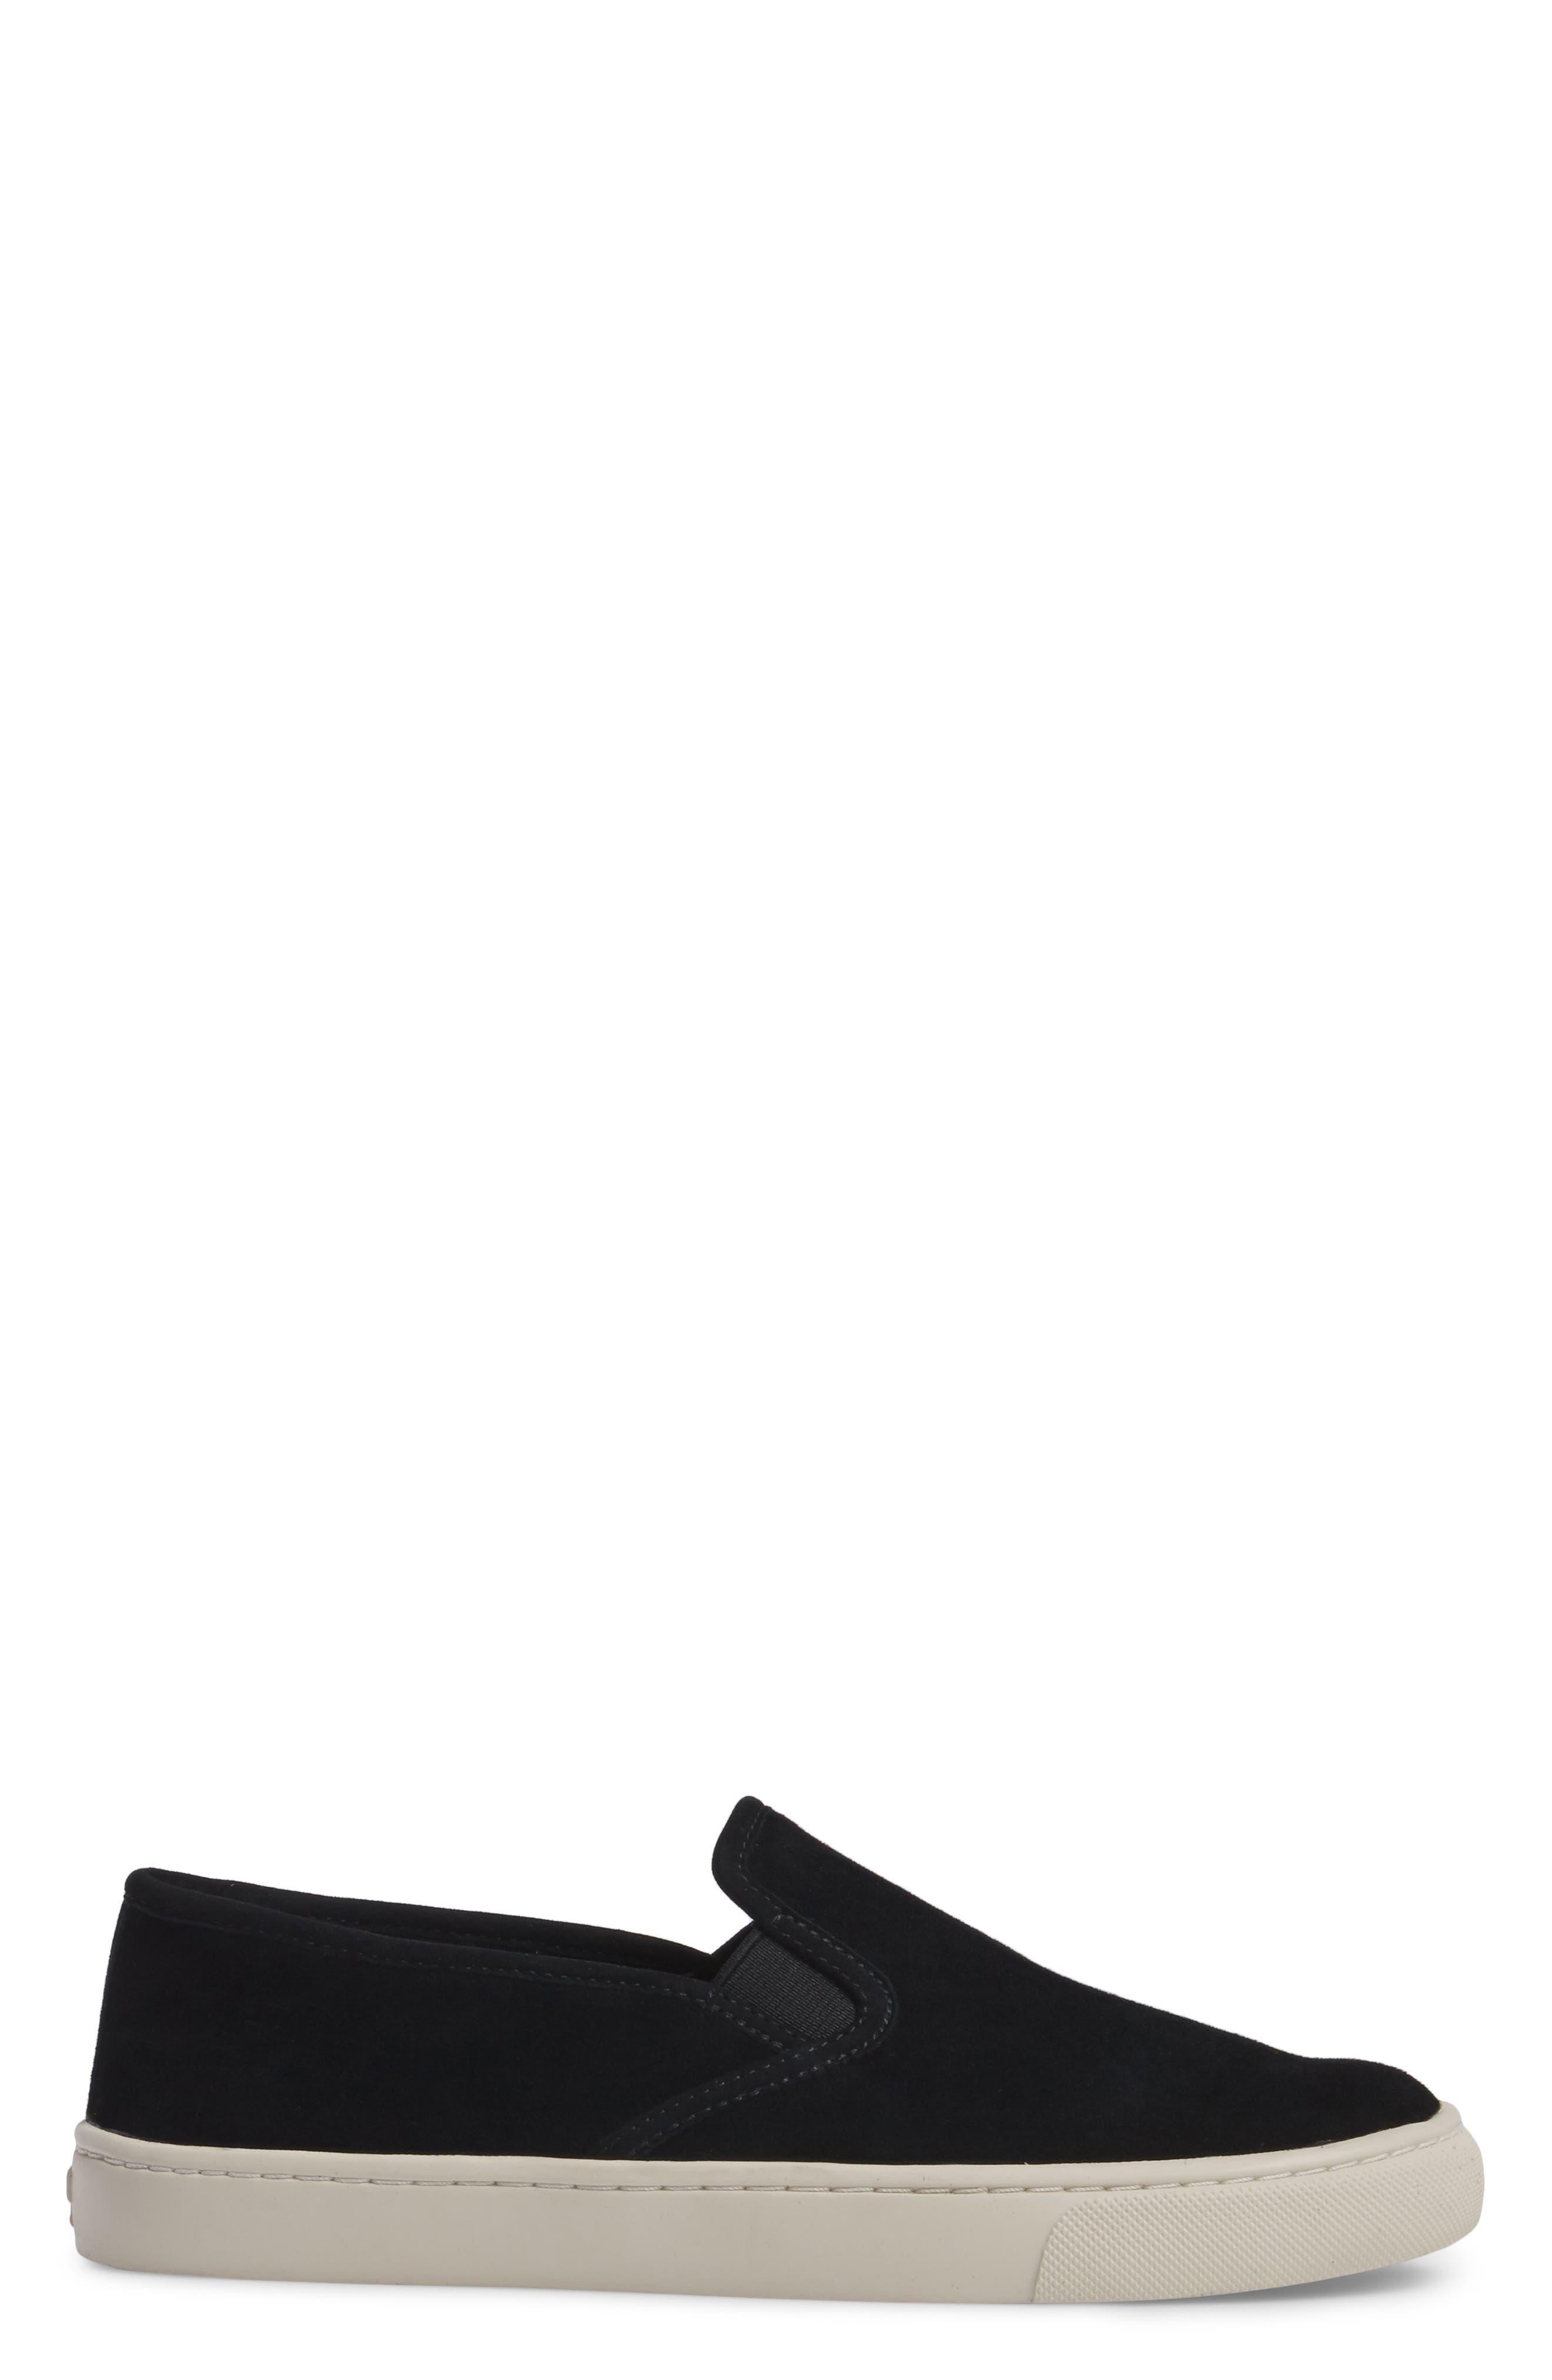 Max Slip-On Sneaker,                             Alternate thumbnail 13, color,